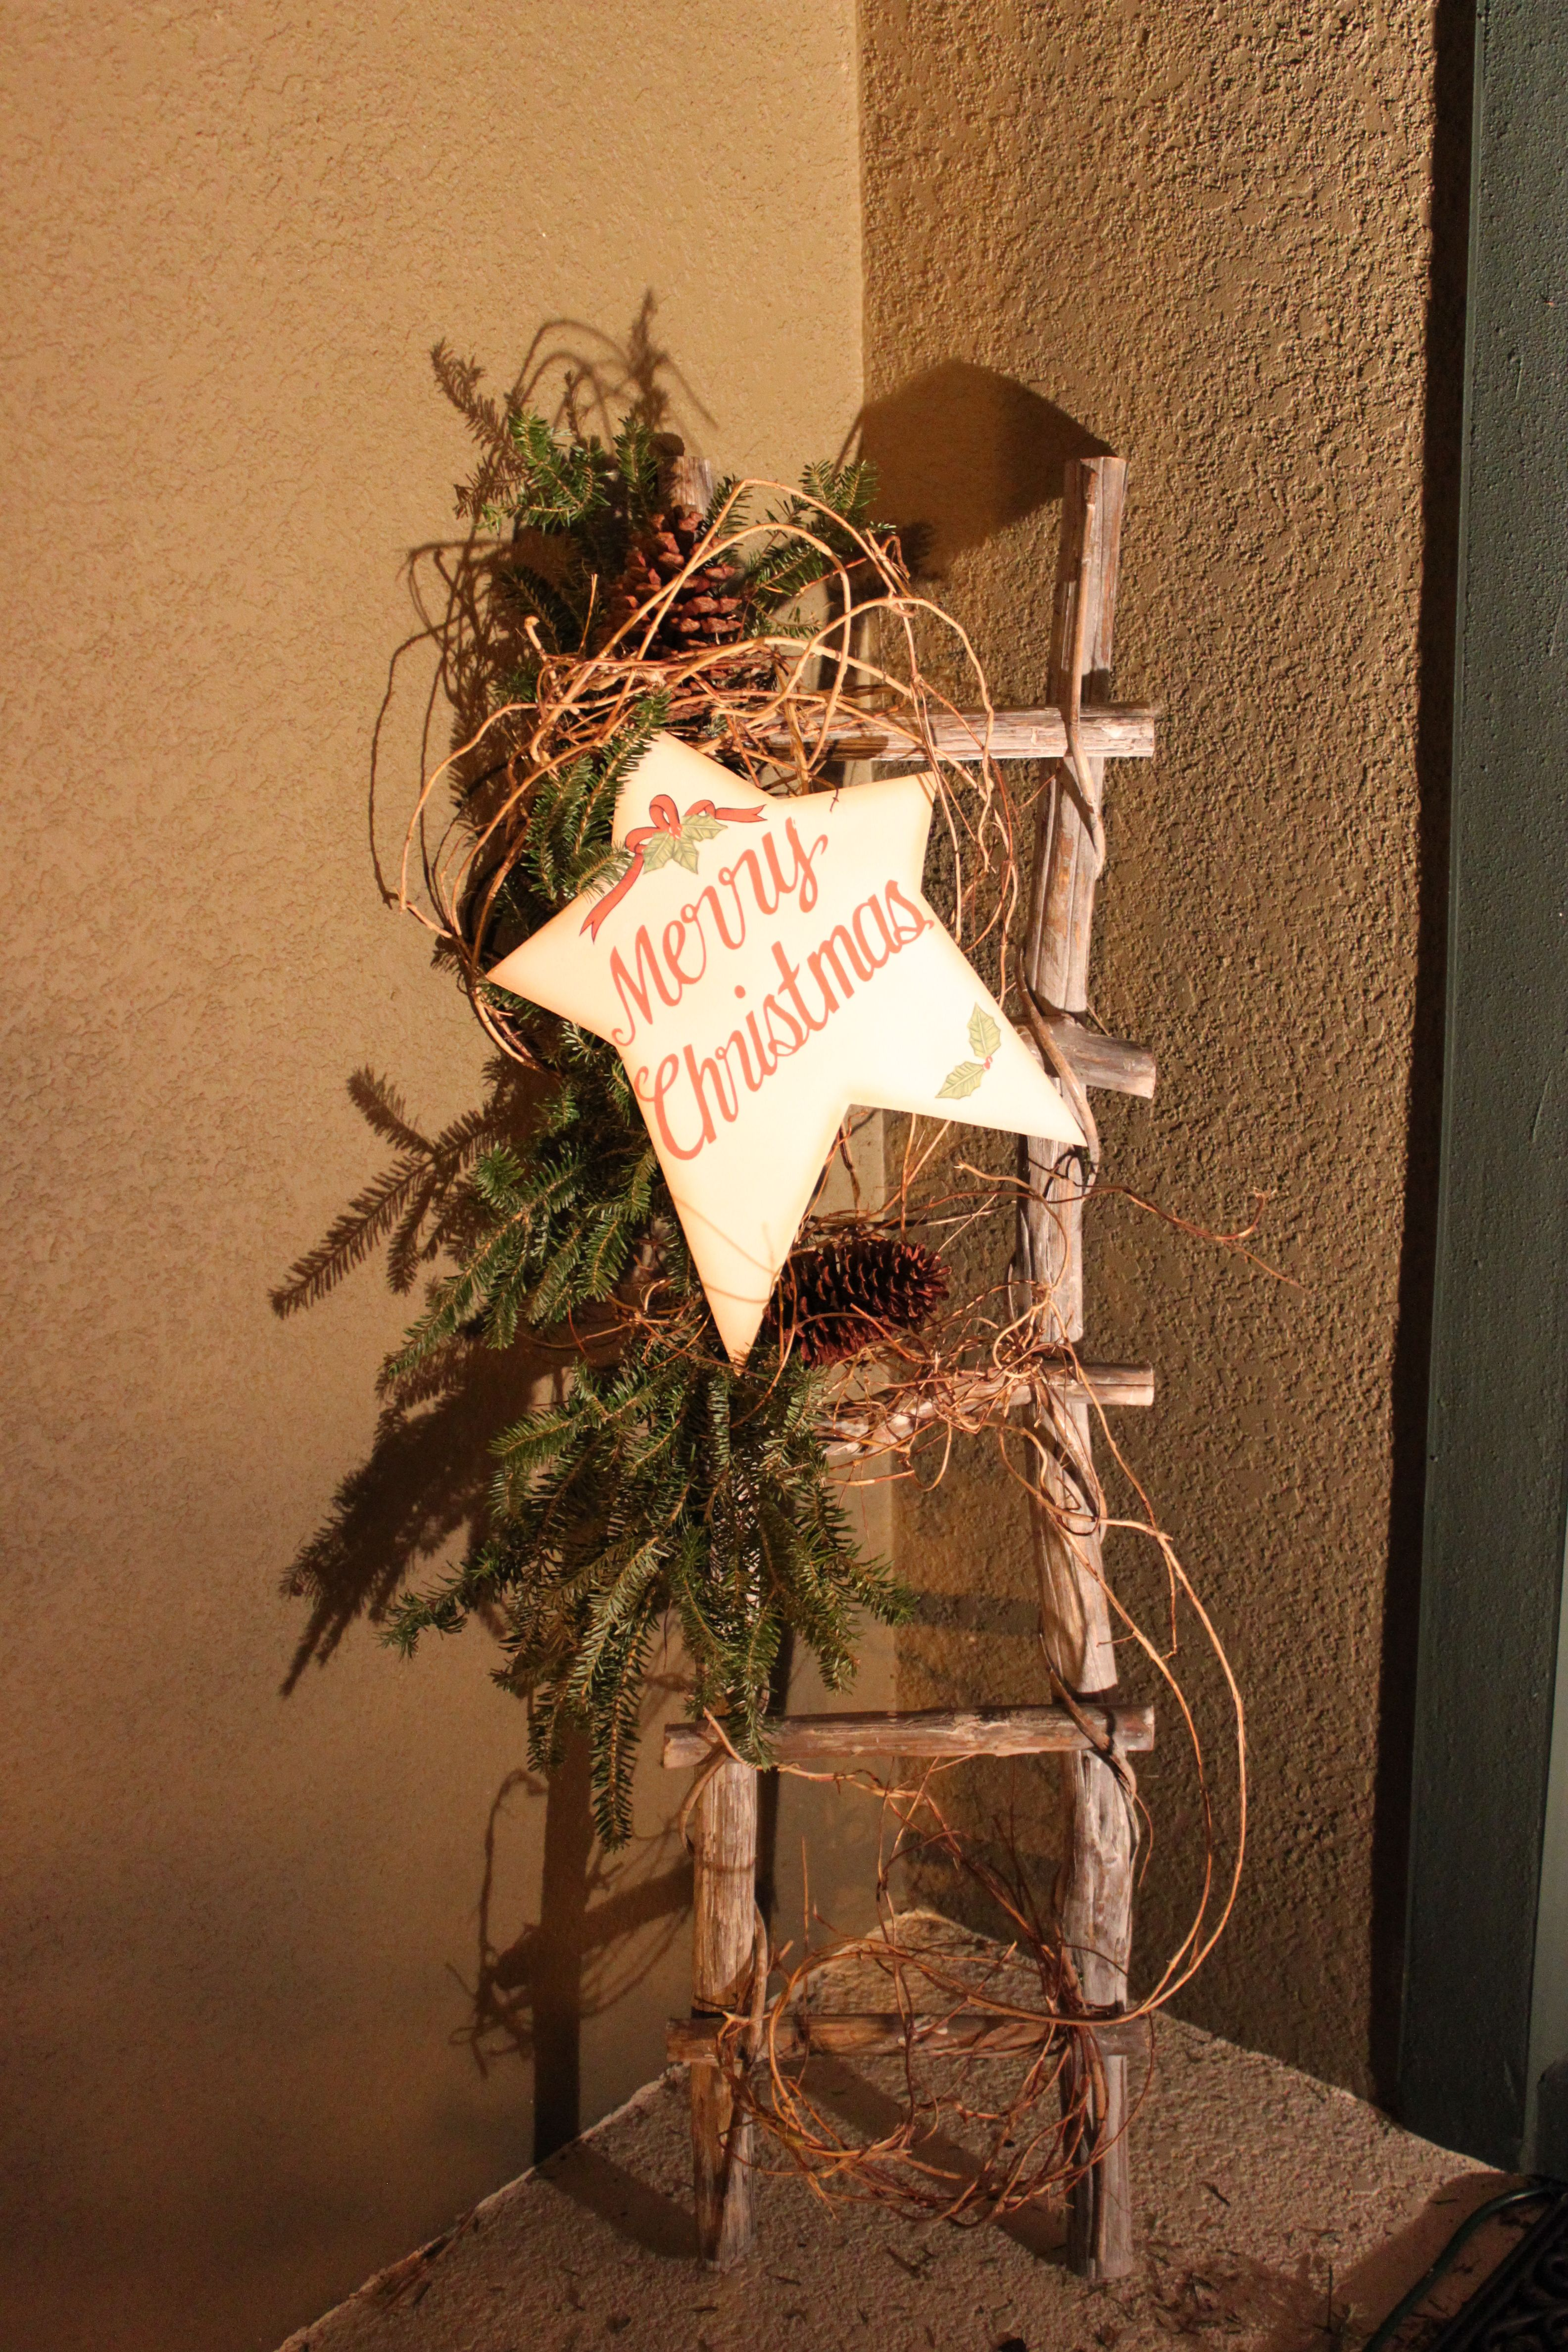 623065b33ee2f3ad7ca507cacdca5ced Wunderschöne Weihnachtsdekoration Aussen Selber Machen Dekorationen